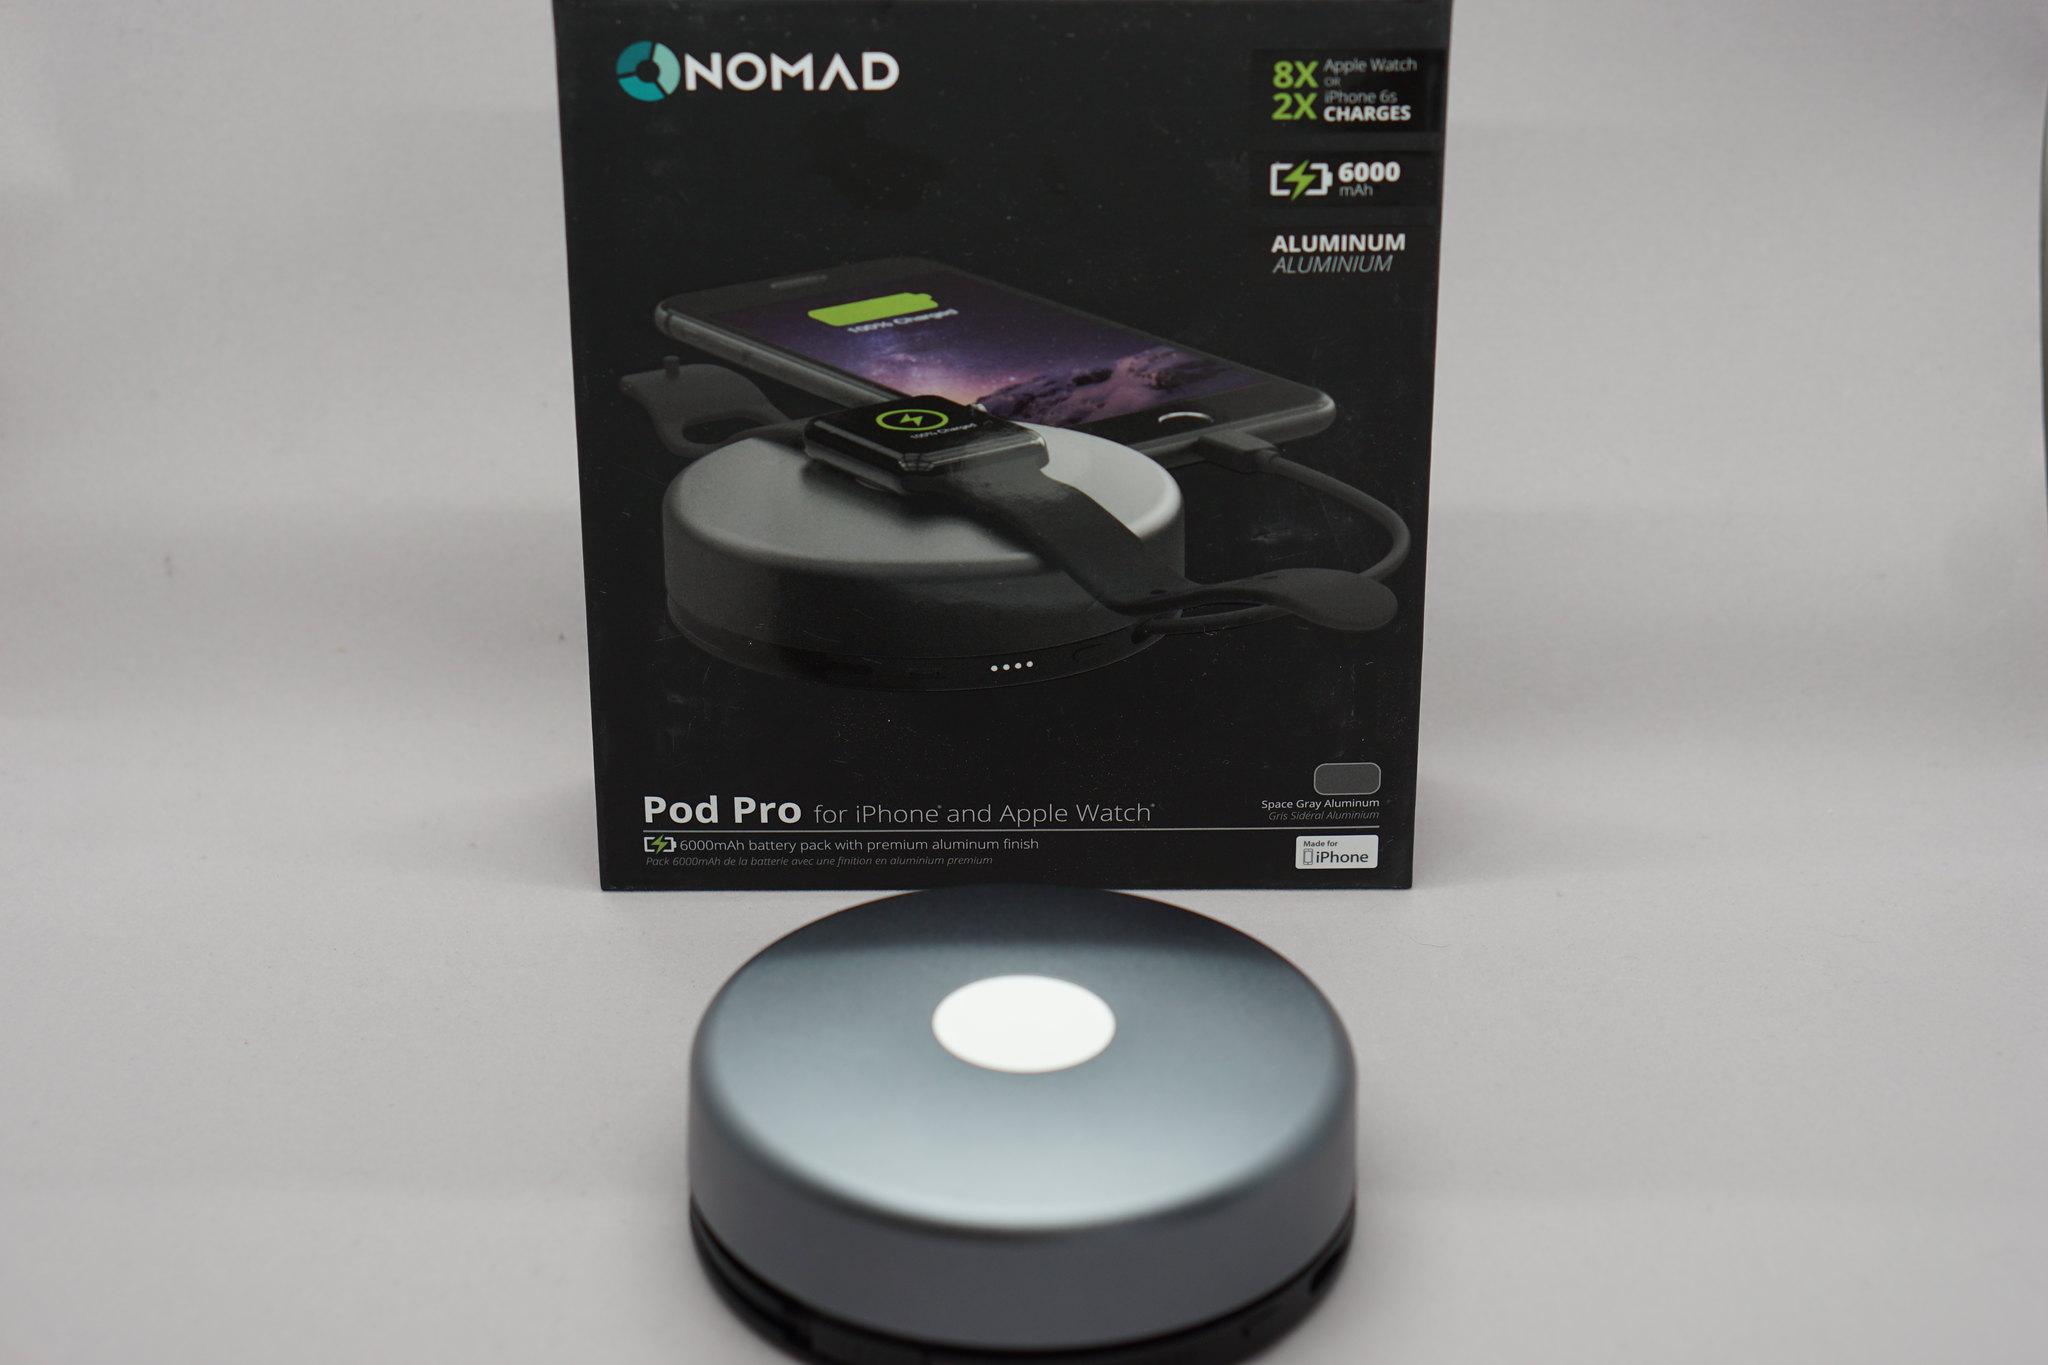 Nomad Pod Pro